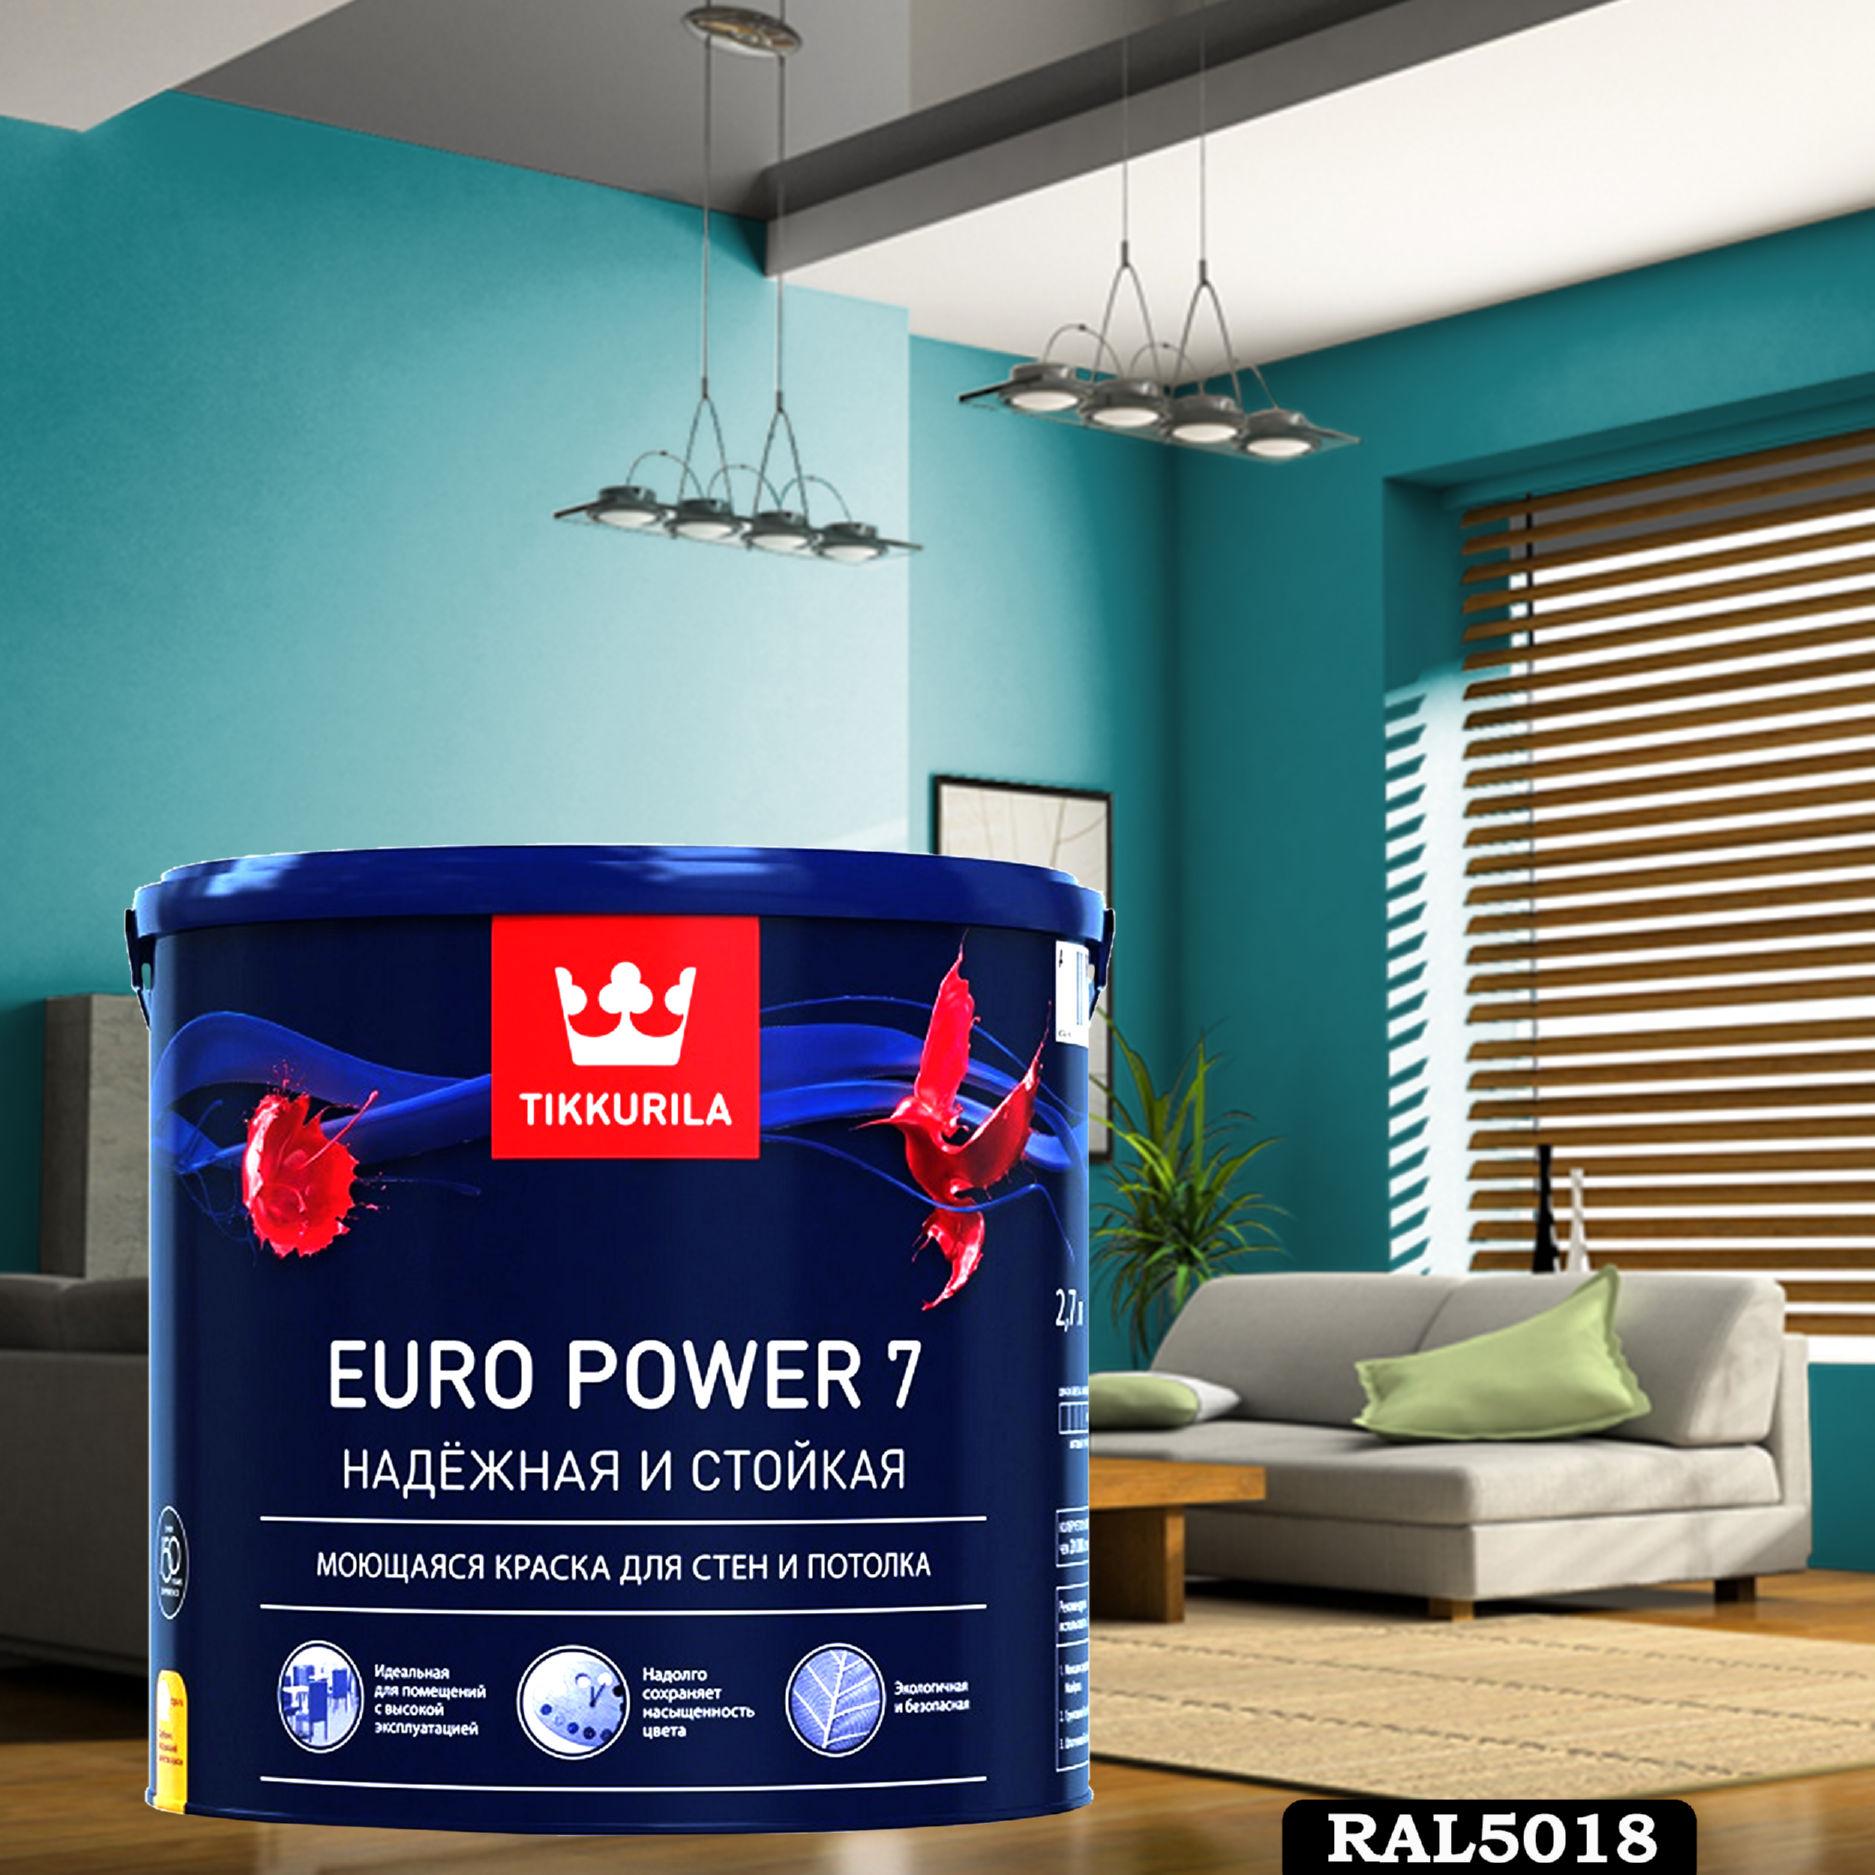 Фото 17 - Краска TIKKURILA Euro Power 7,  RAL 5018 Бирюзово-синий, латексная моющаяся матовая интерьерная, 9 л.